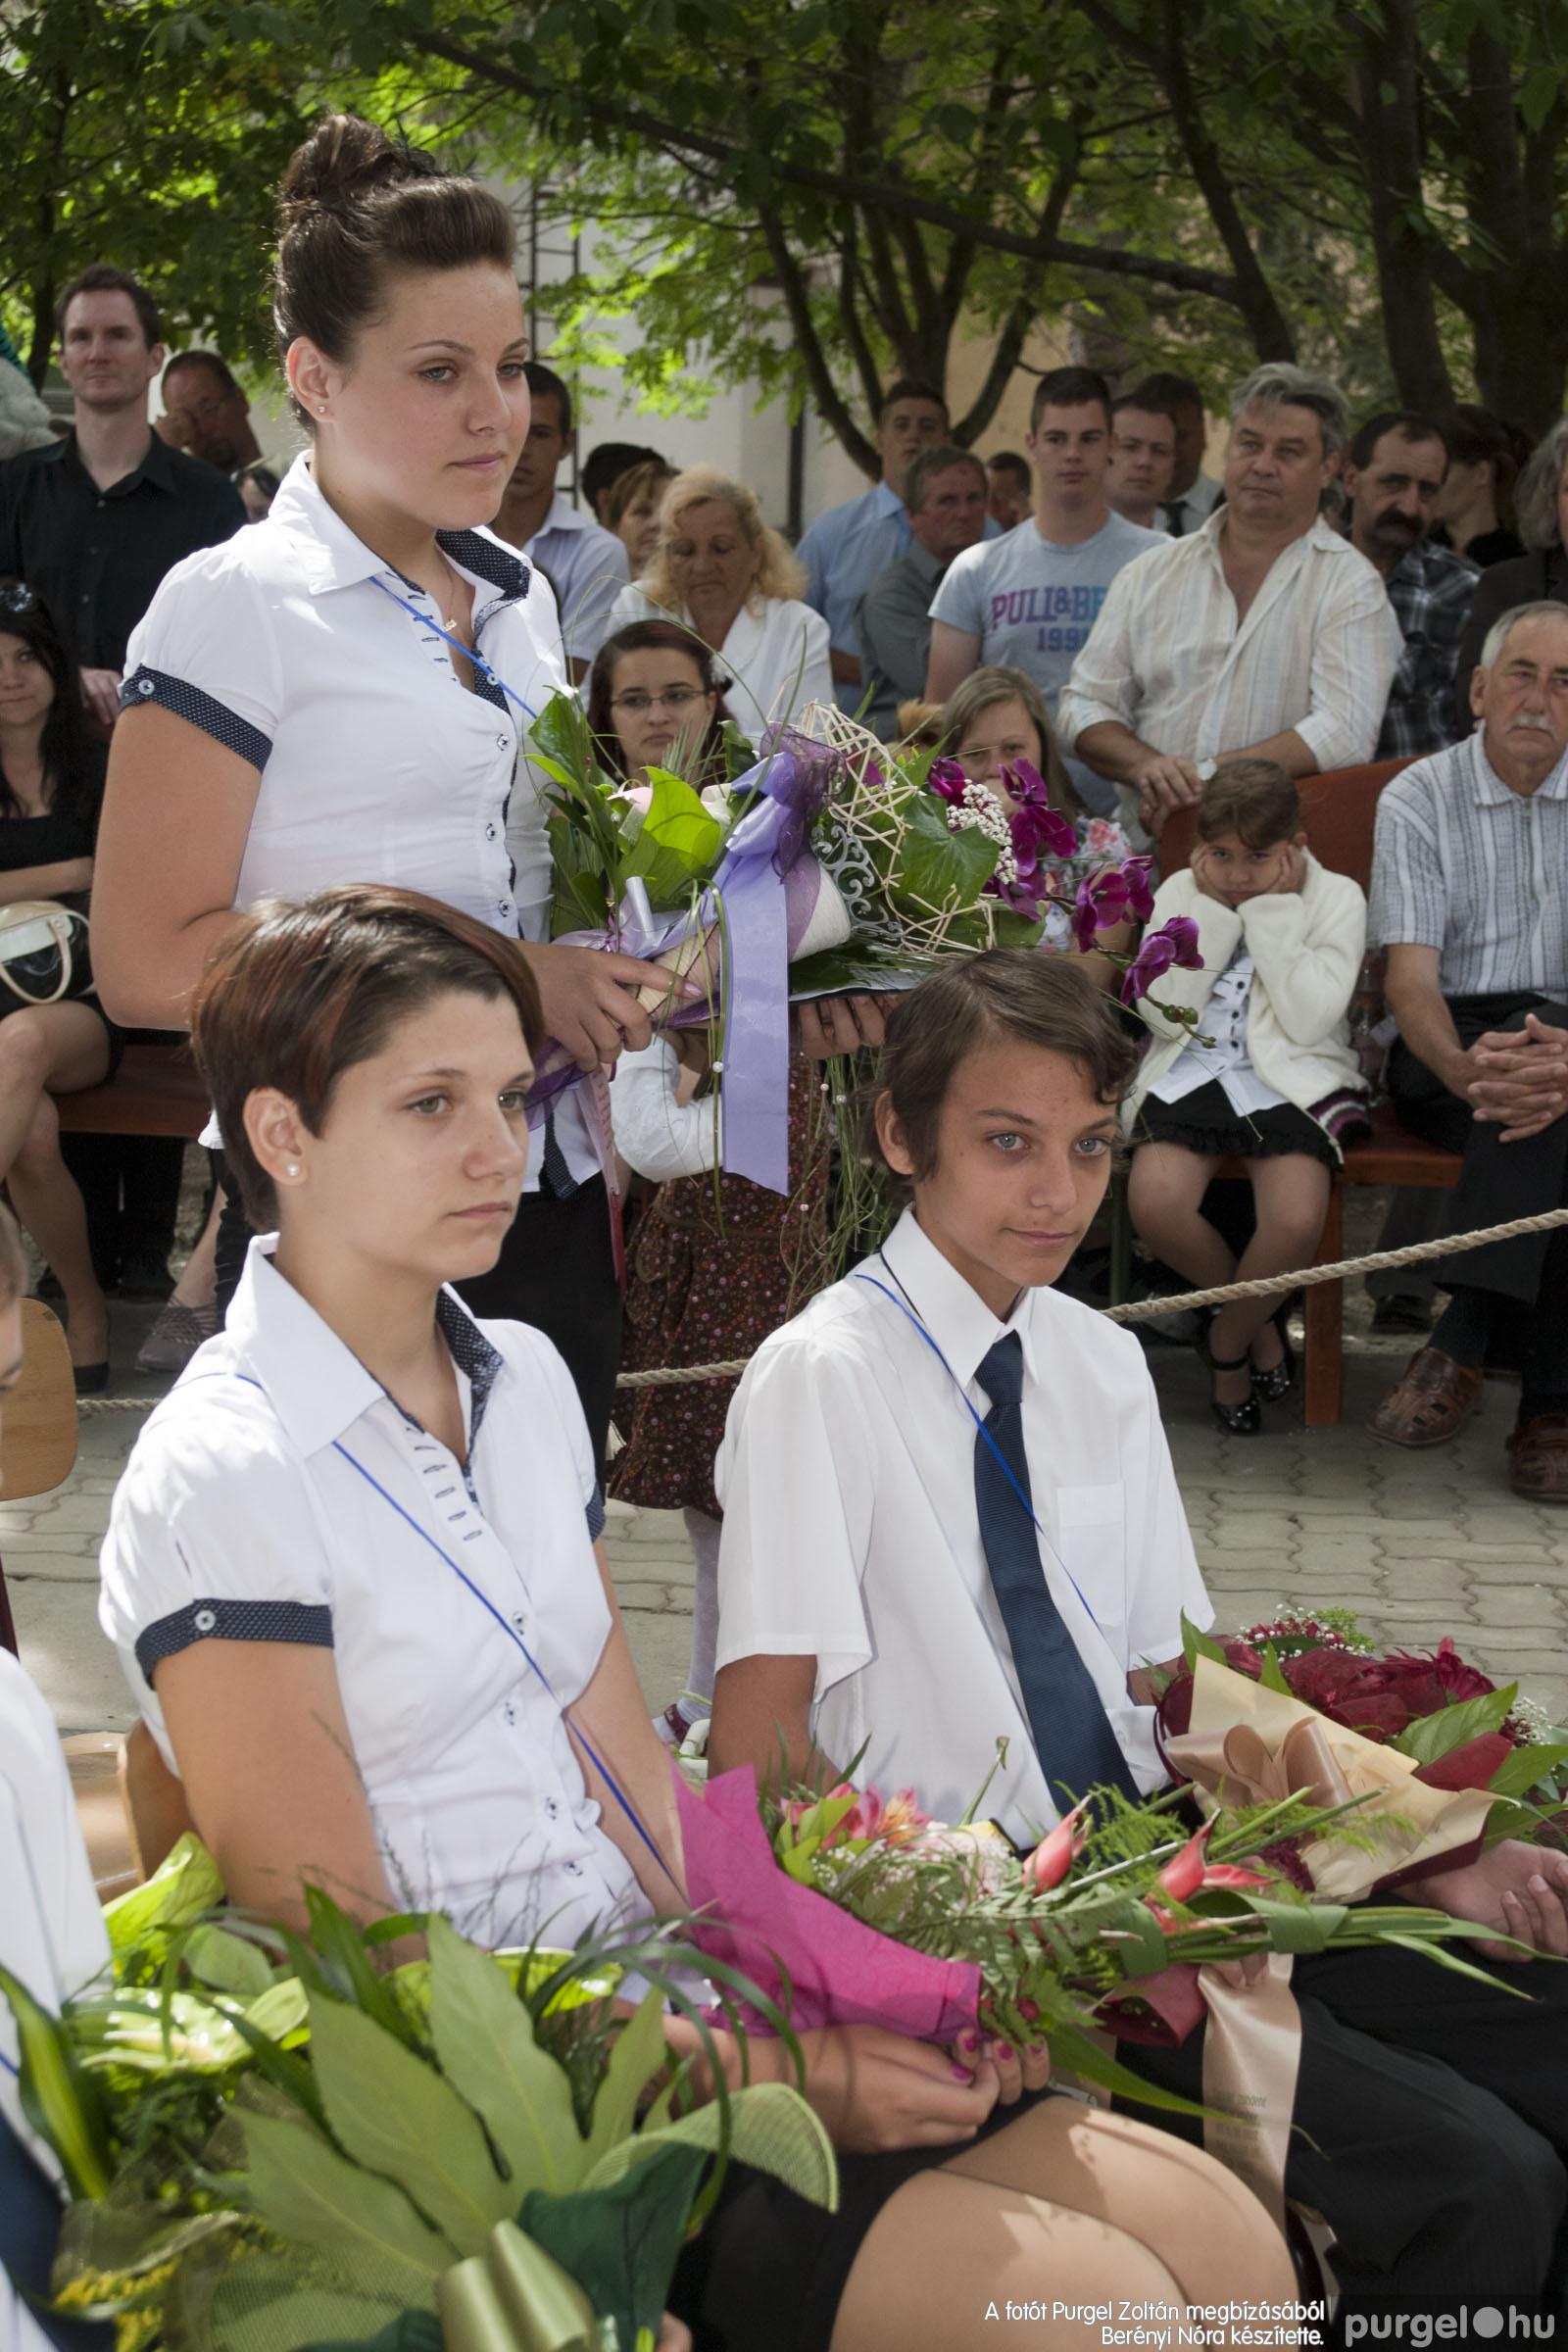 2014.06.14. 233 Forray Máté Általános Iskola ballagás 2014. - Fotó:BERÉNYI NÓRA© _MG_5888.jpg